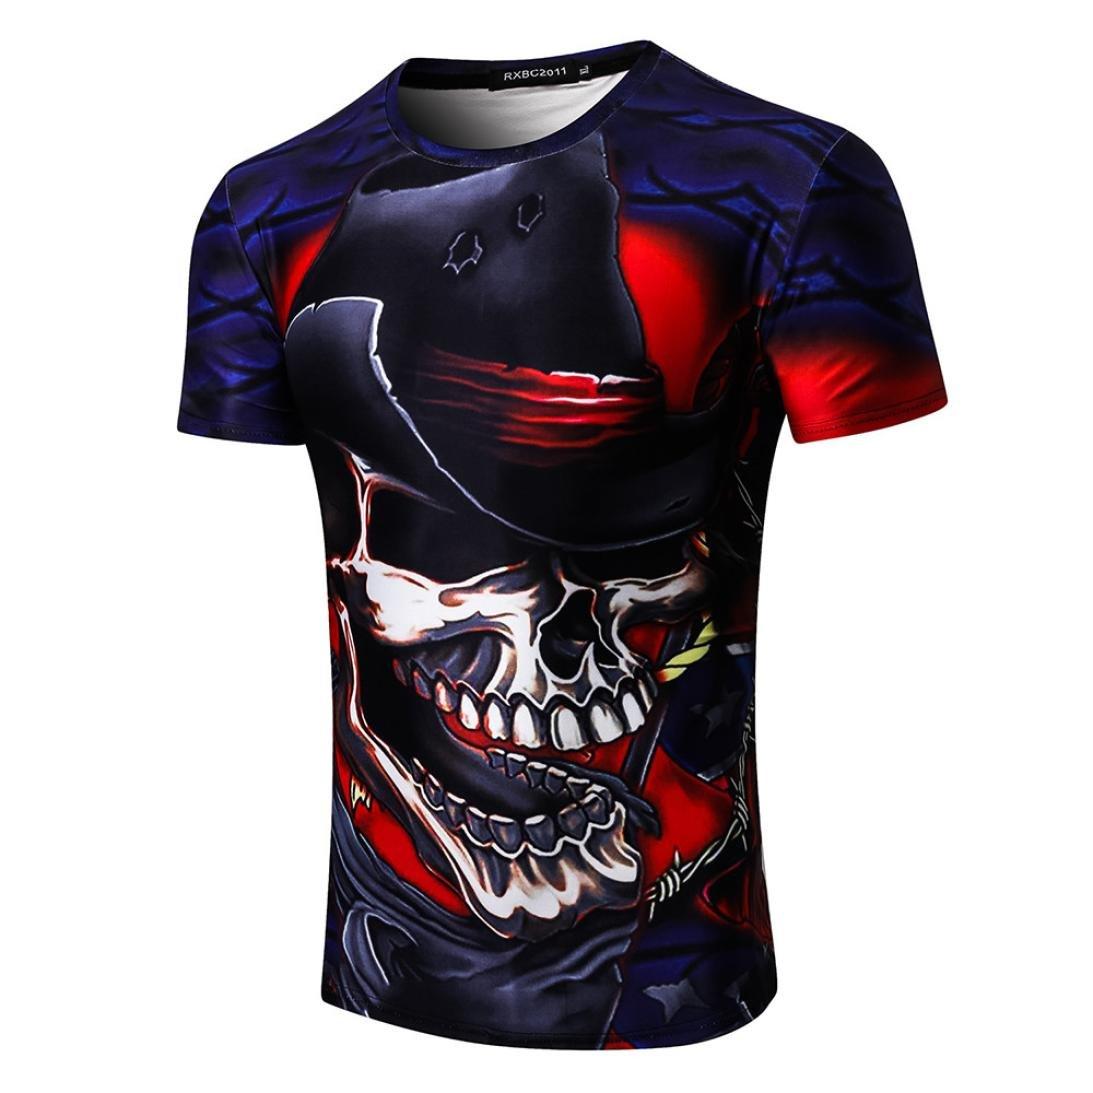 Longra T-Shirt Damen Herren Shirt Feuer Schauml;del Print-Shirts 3D Druck Tees Shirt Kurzarm T-Shirt Bluse Tops Unisex Rundhals Coole T Shirts Mode Hip Hop Bluse Hemd Streetwear  XXL|Multicolor 03